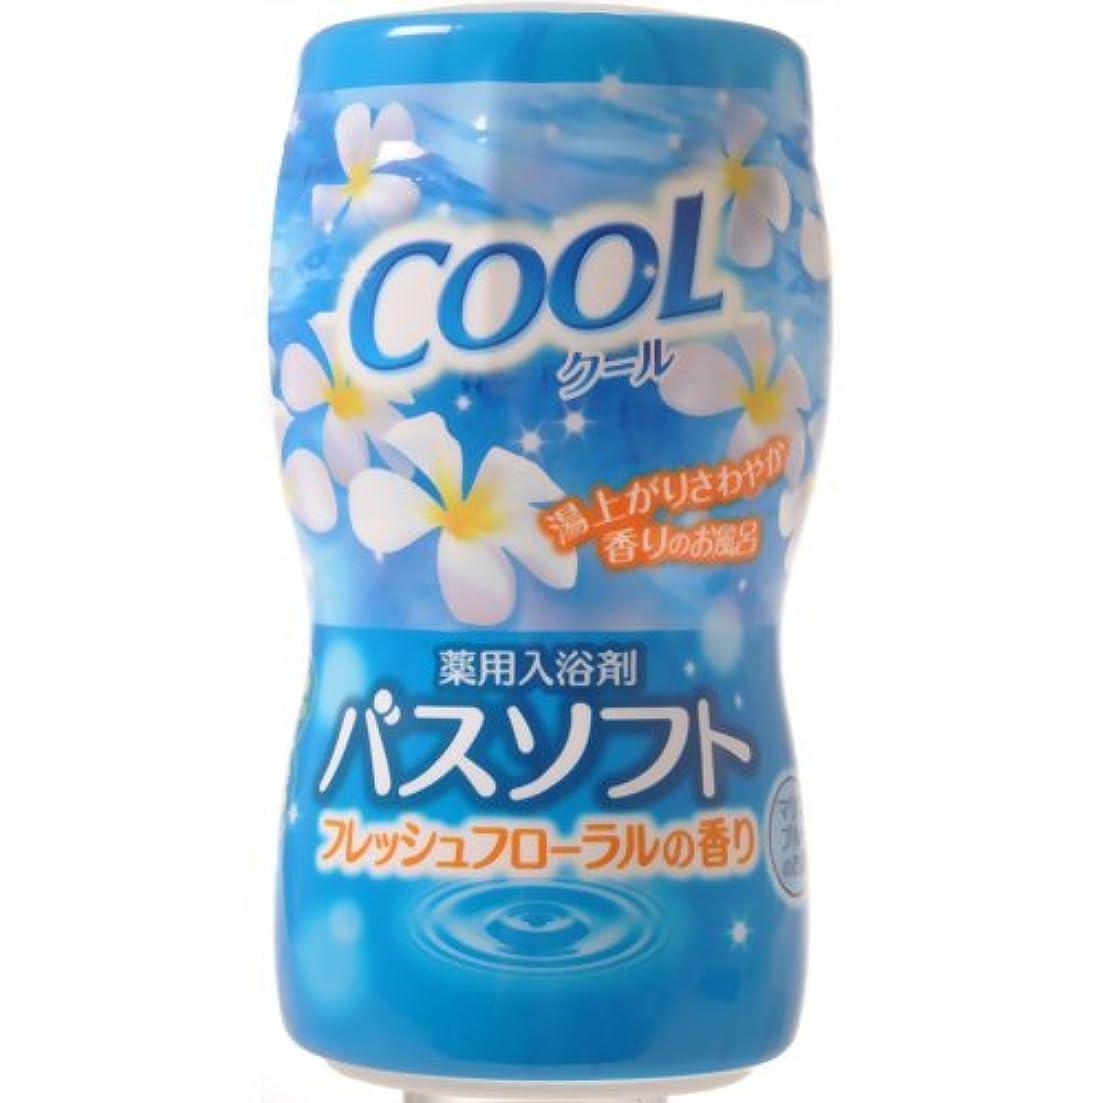 フェローシップ変わる変わる【オカモト】薬用入浴剤バスソフト クール 700g